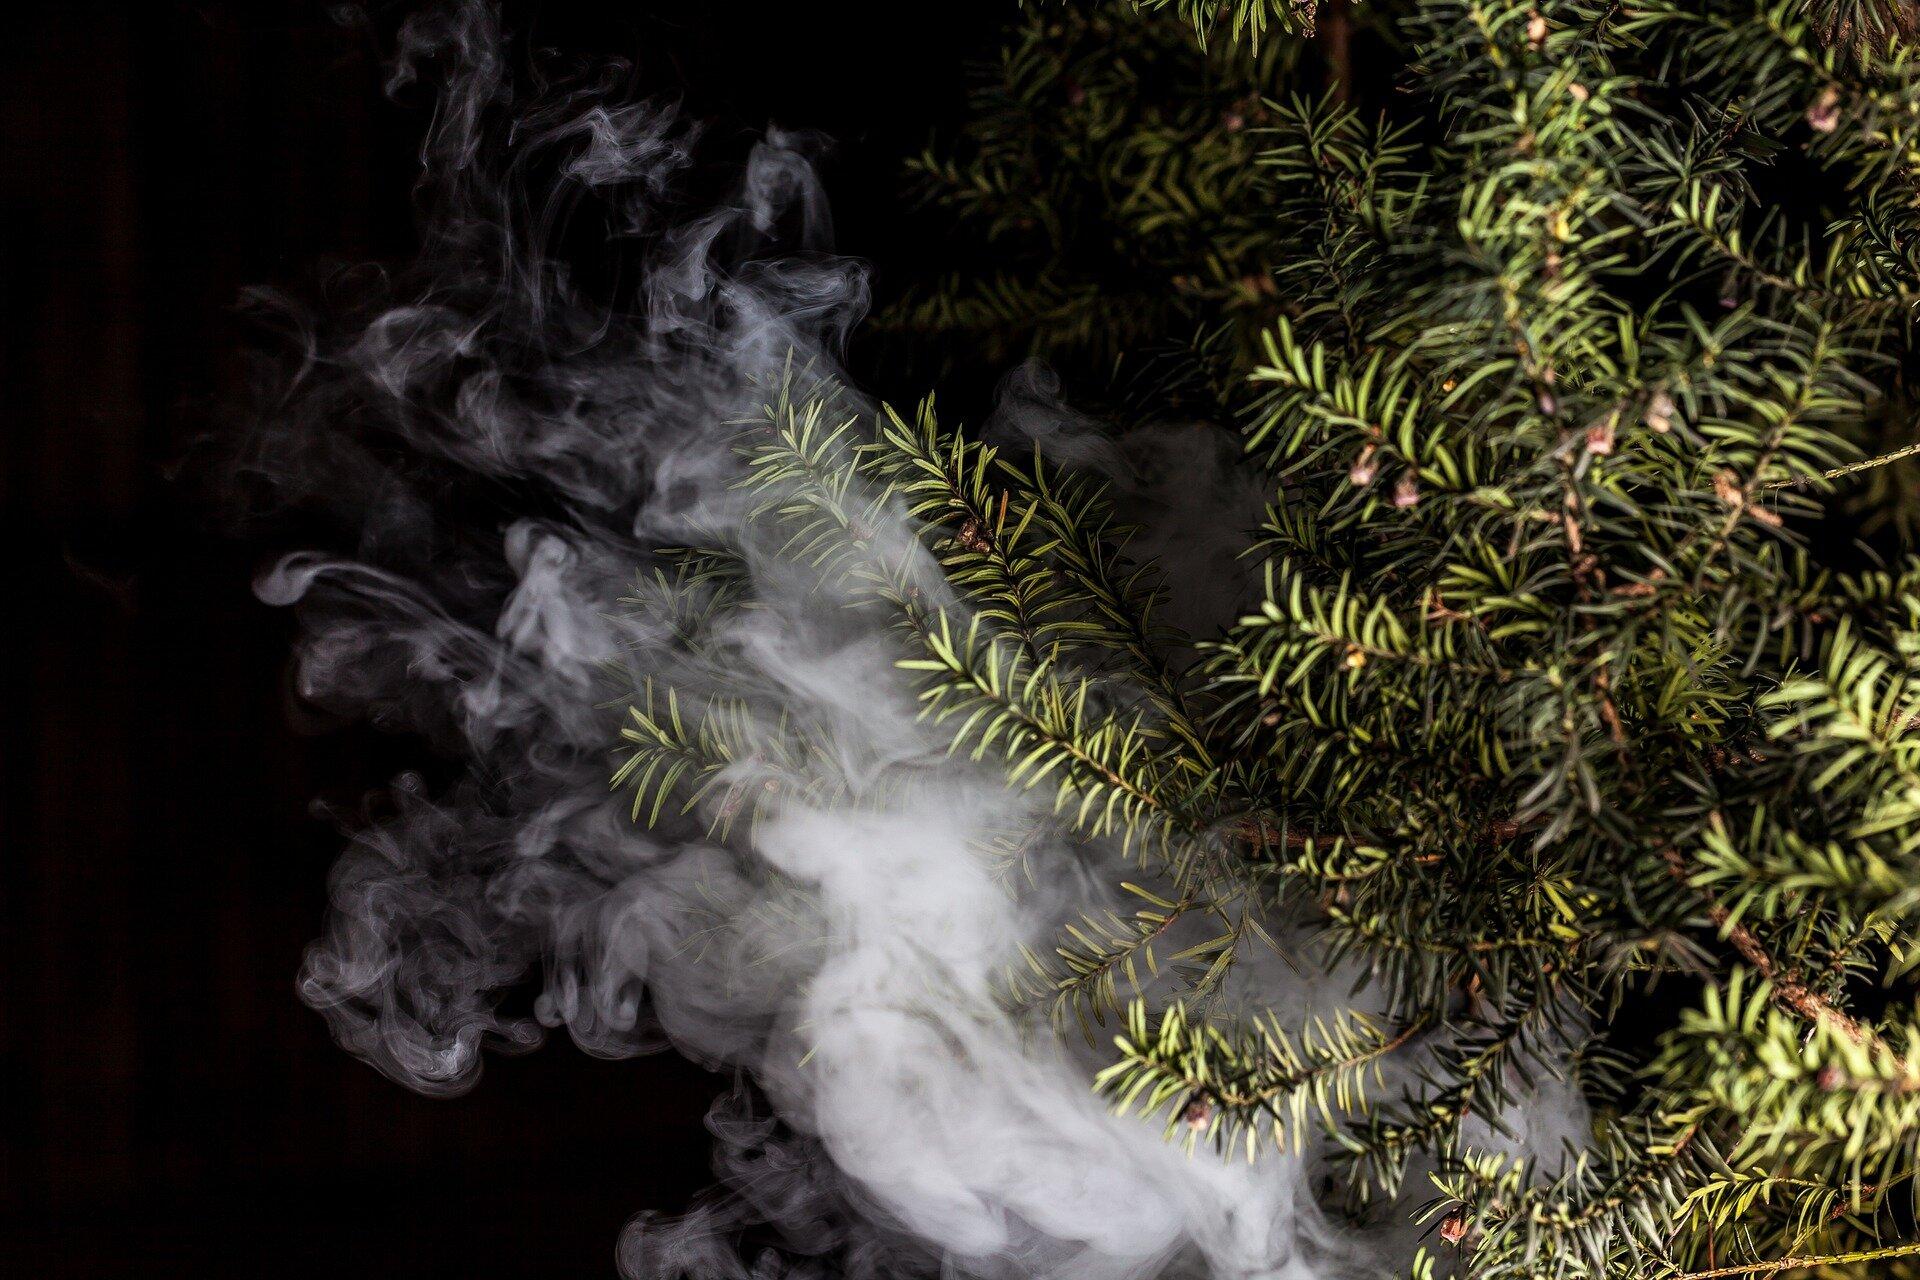 Электронные сигареты с уровнем никотина, подобным сигарете, эффективны для сокращения курения.